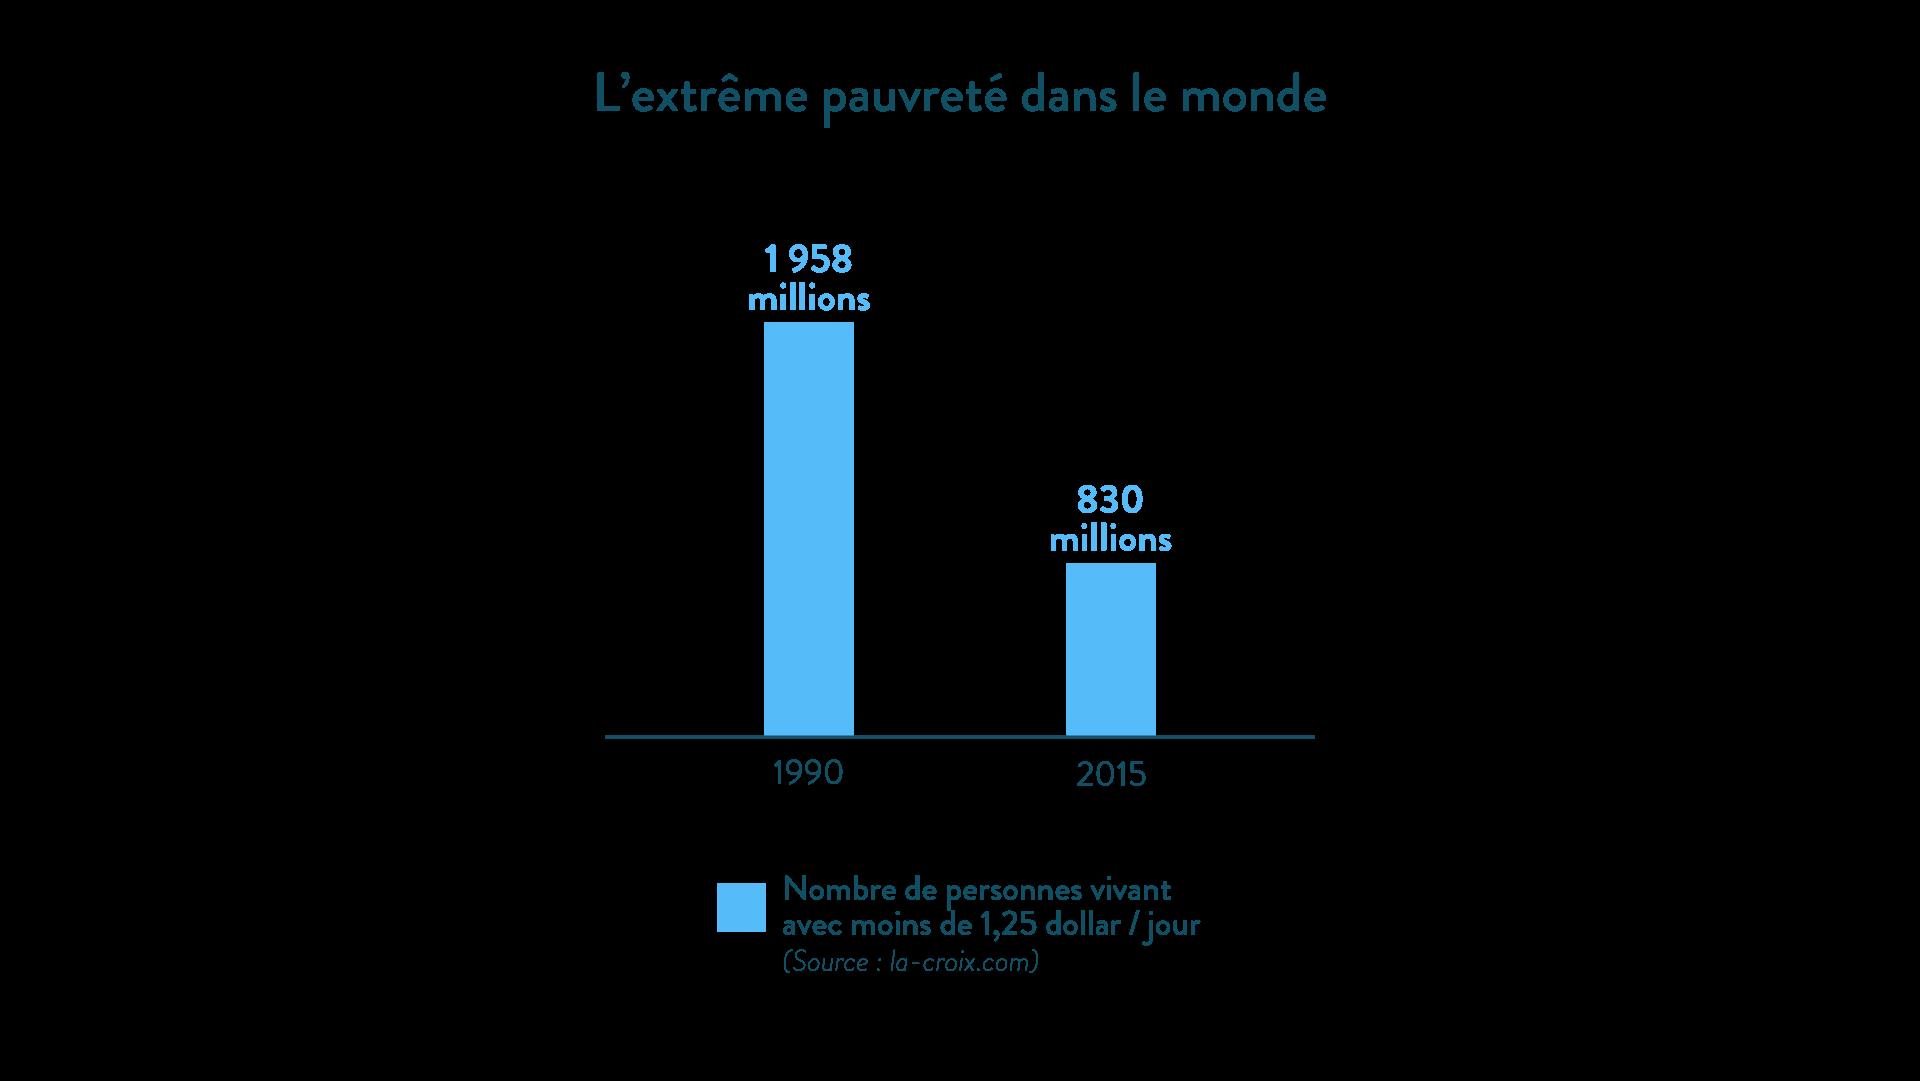 Le recul de l'extrême pauvreté dans le monde entre 1990 et 2015 géographie cinquième